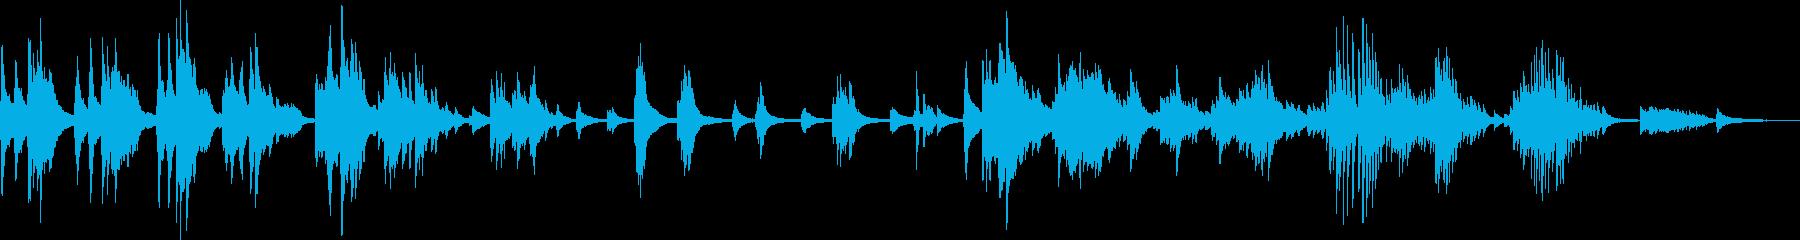 歪んだ愛情(ピアノソロ・悲劇的・悲しい)の再生済みの波形